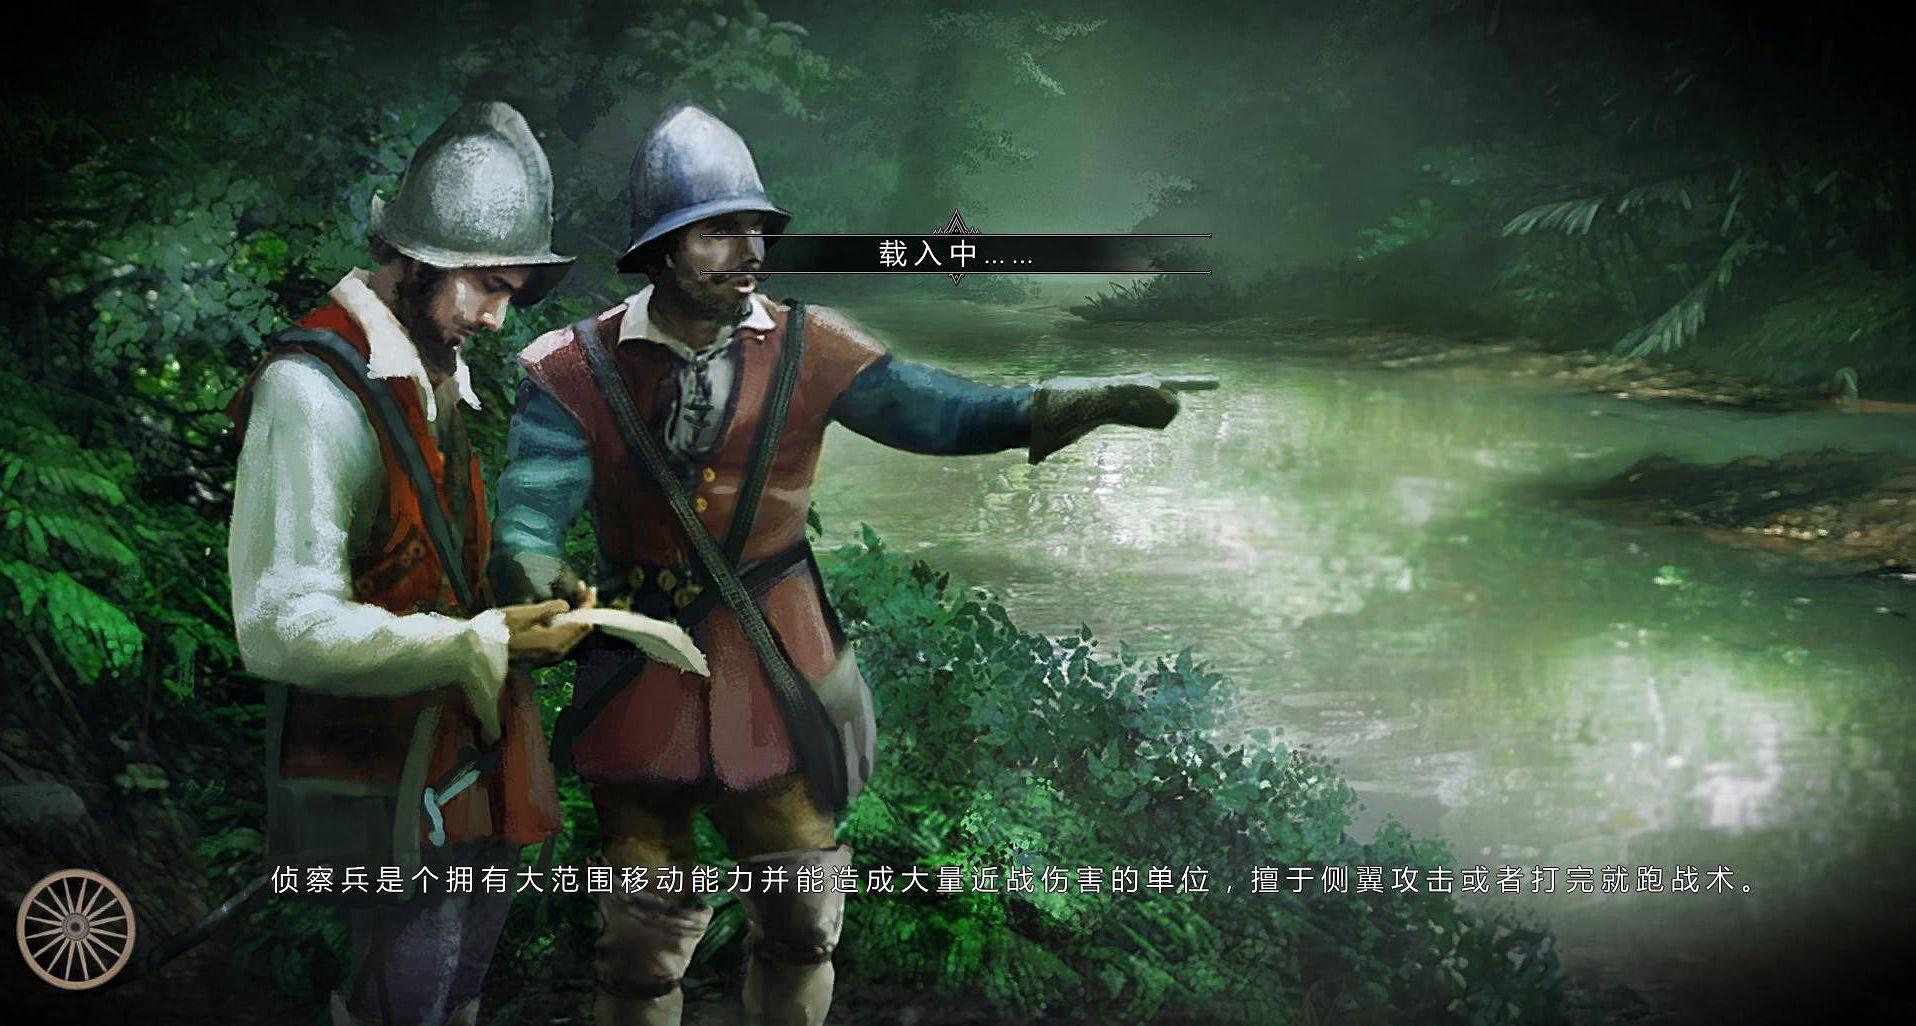 远征军:征服者中文版08年切诺基价格图片